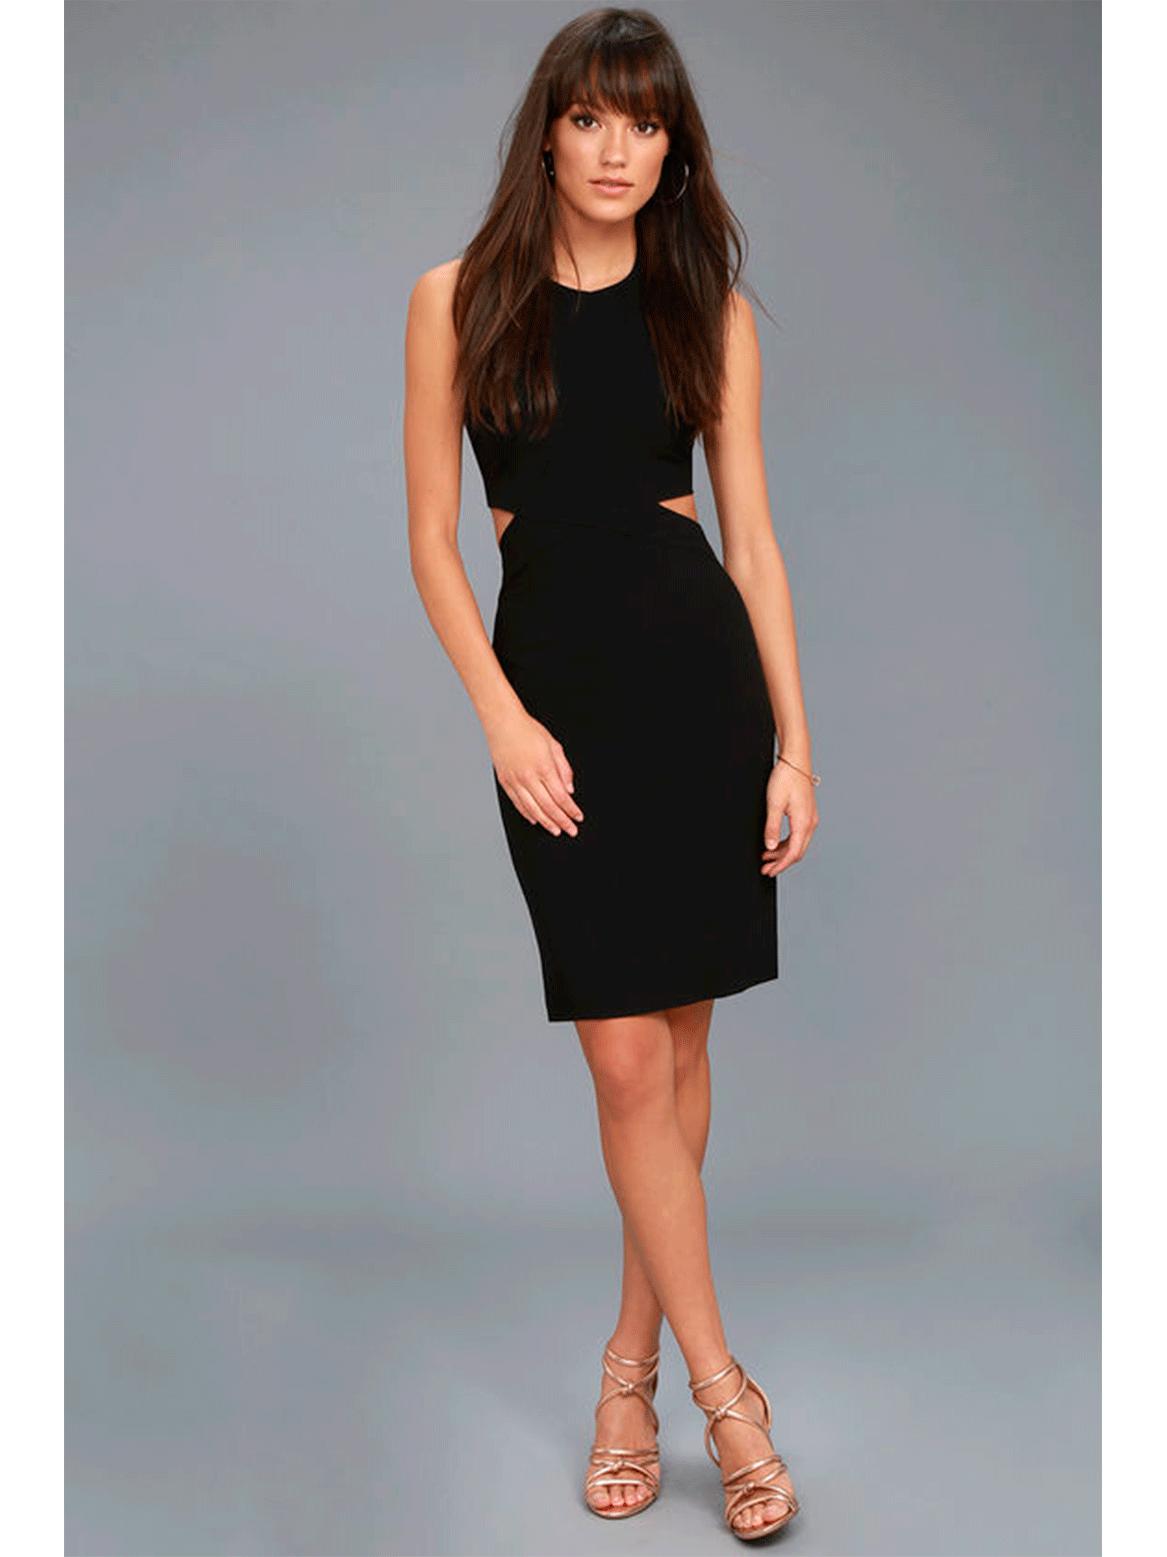 Outfit minimal - Asesoría de imagen ejecutiva - Vestido Uniquely Chic Black Bodycon Halter - Lulus - VIPSOUL